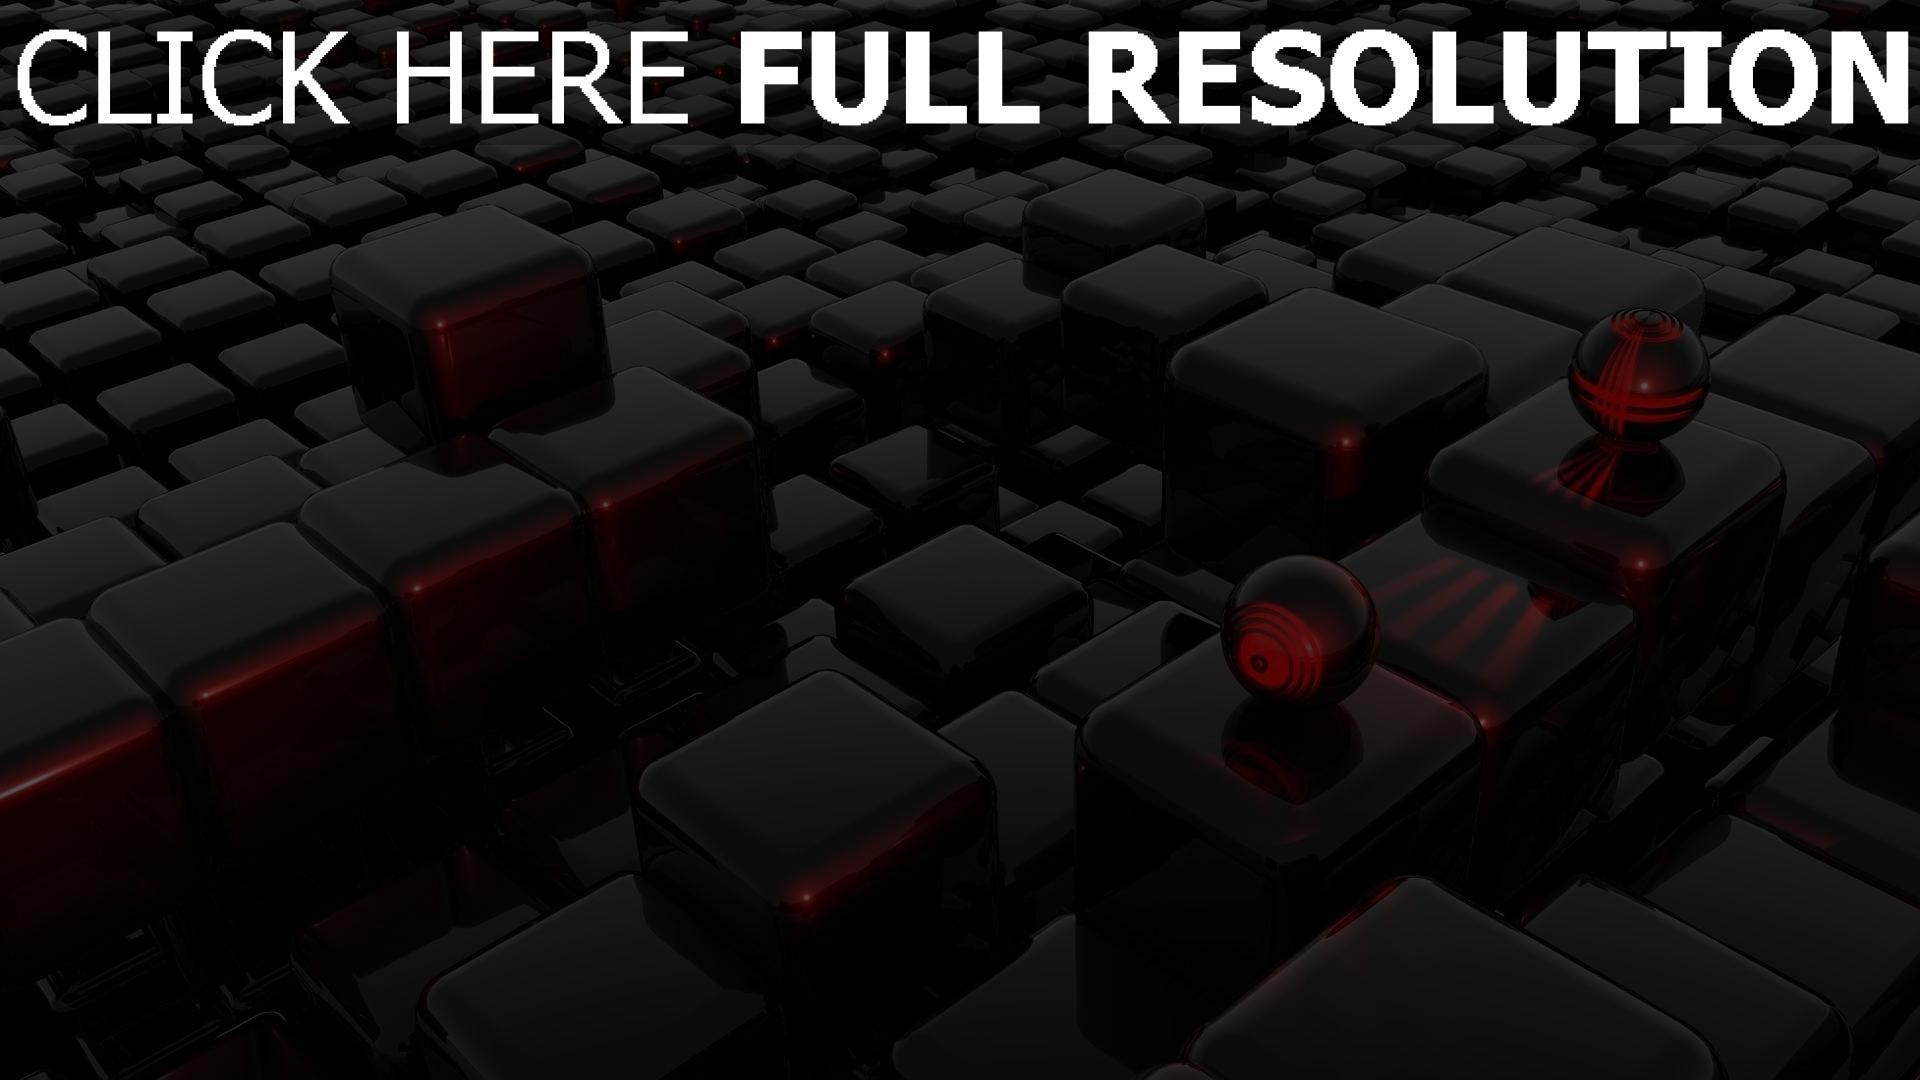 fond d'écran 1920x1080 cube foncé sphère surface brillante infini